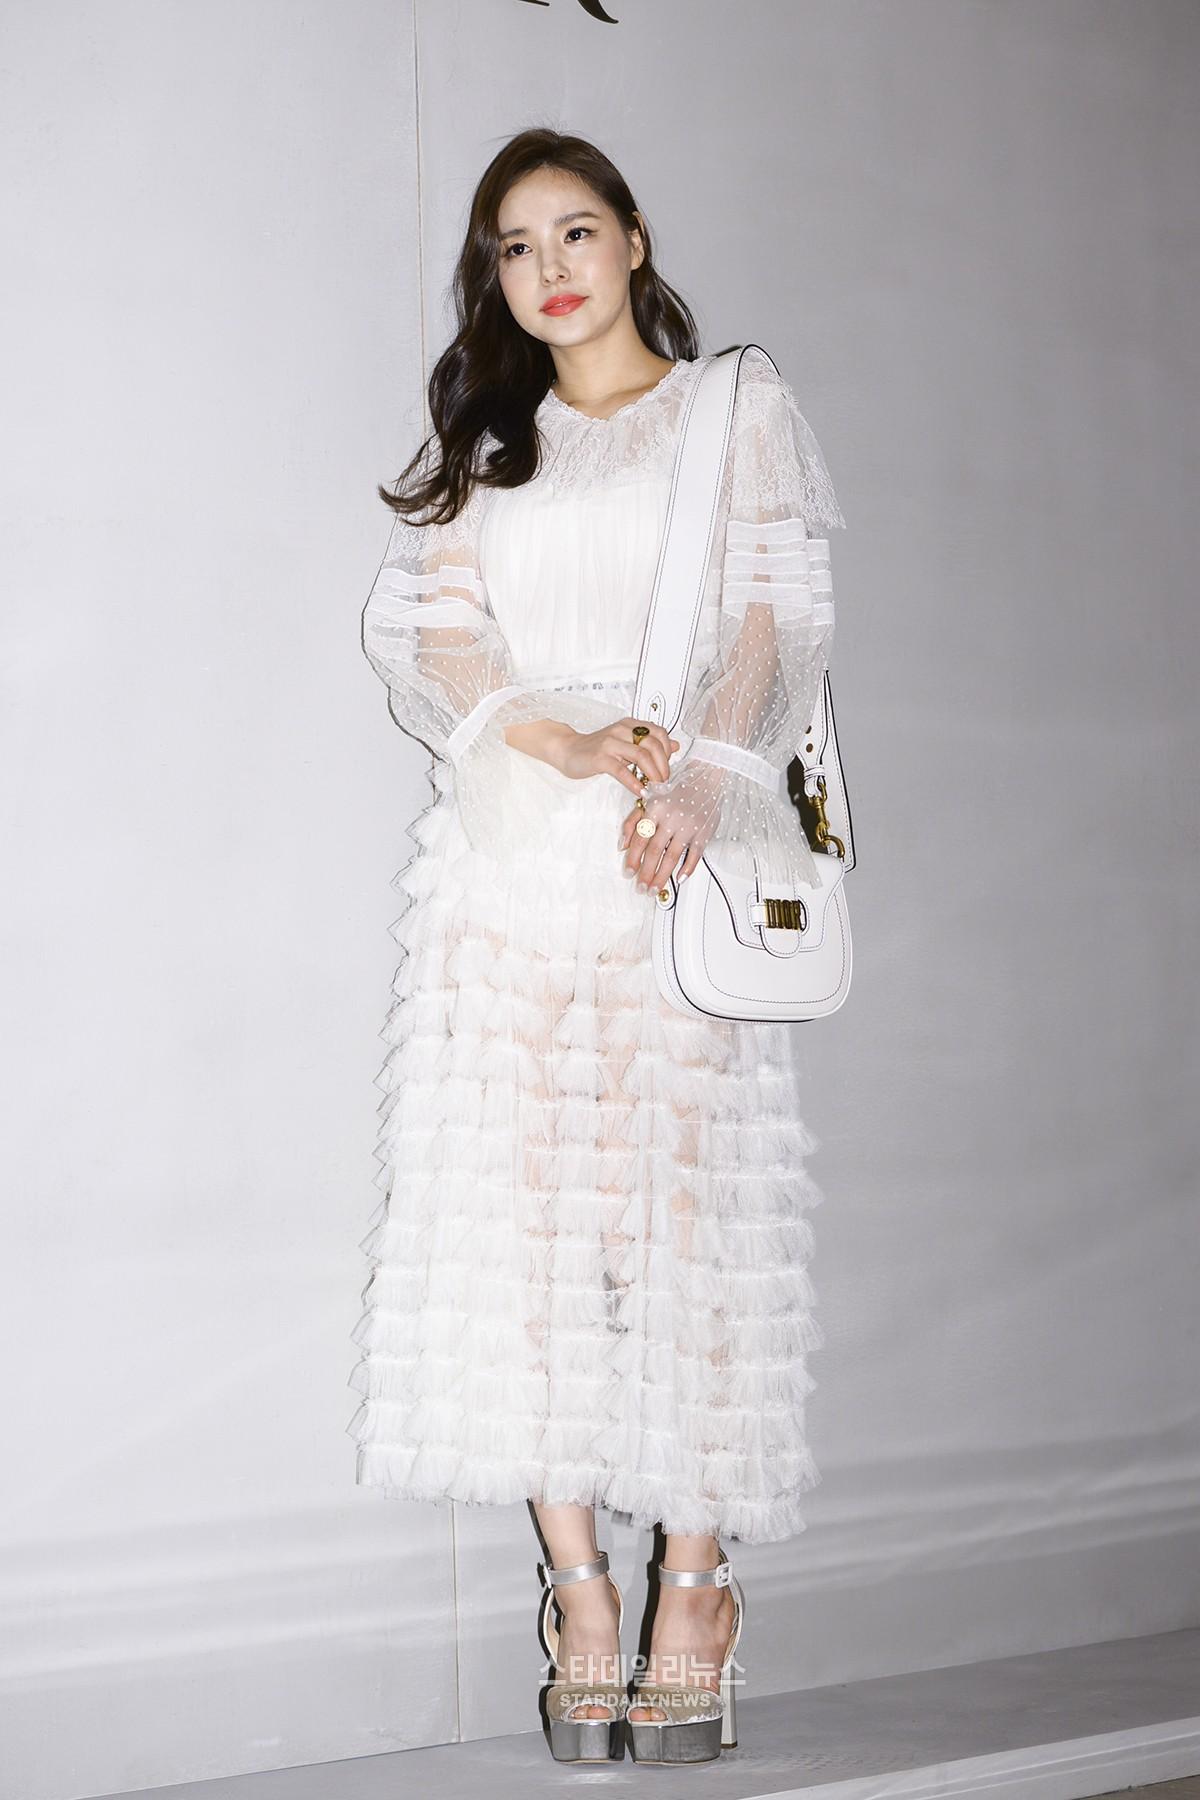 Yoona và Sulli cùng diện đồ hiệu đẳng cấp, đọ sắc vóc một chín một mười tại sự kiện của Dior - Ảnh 9.